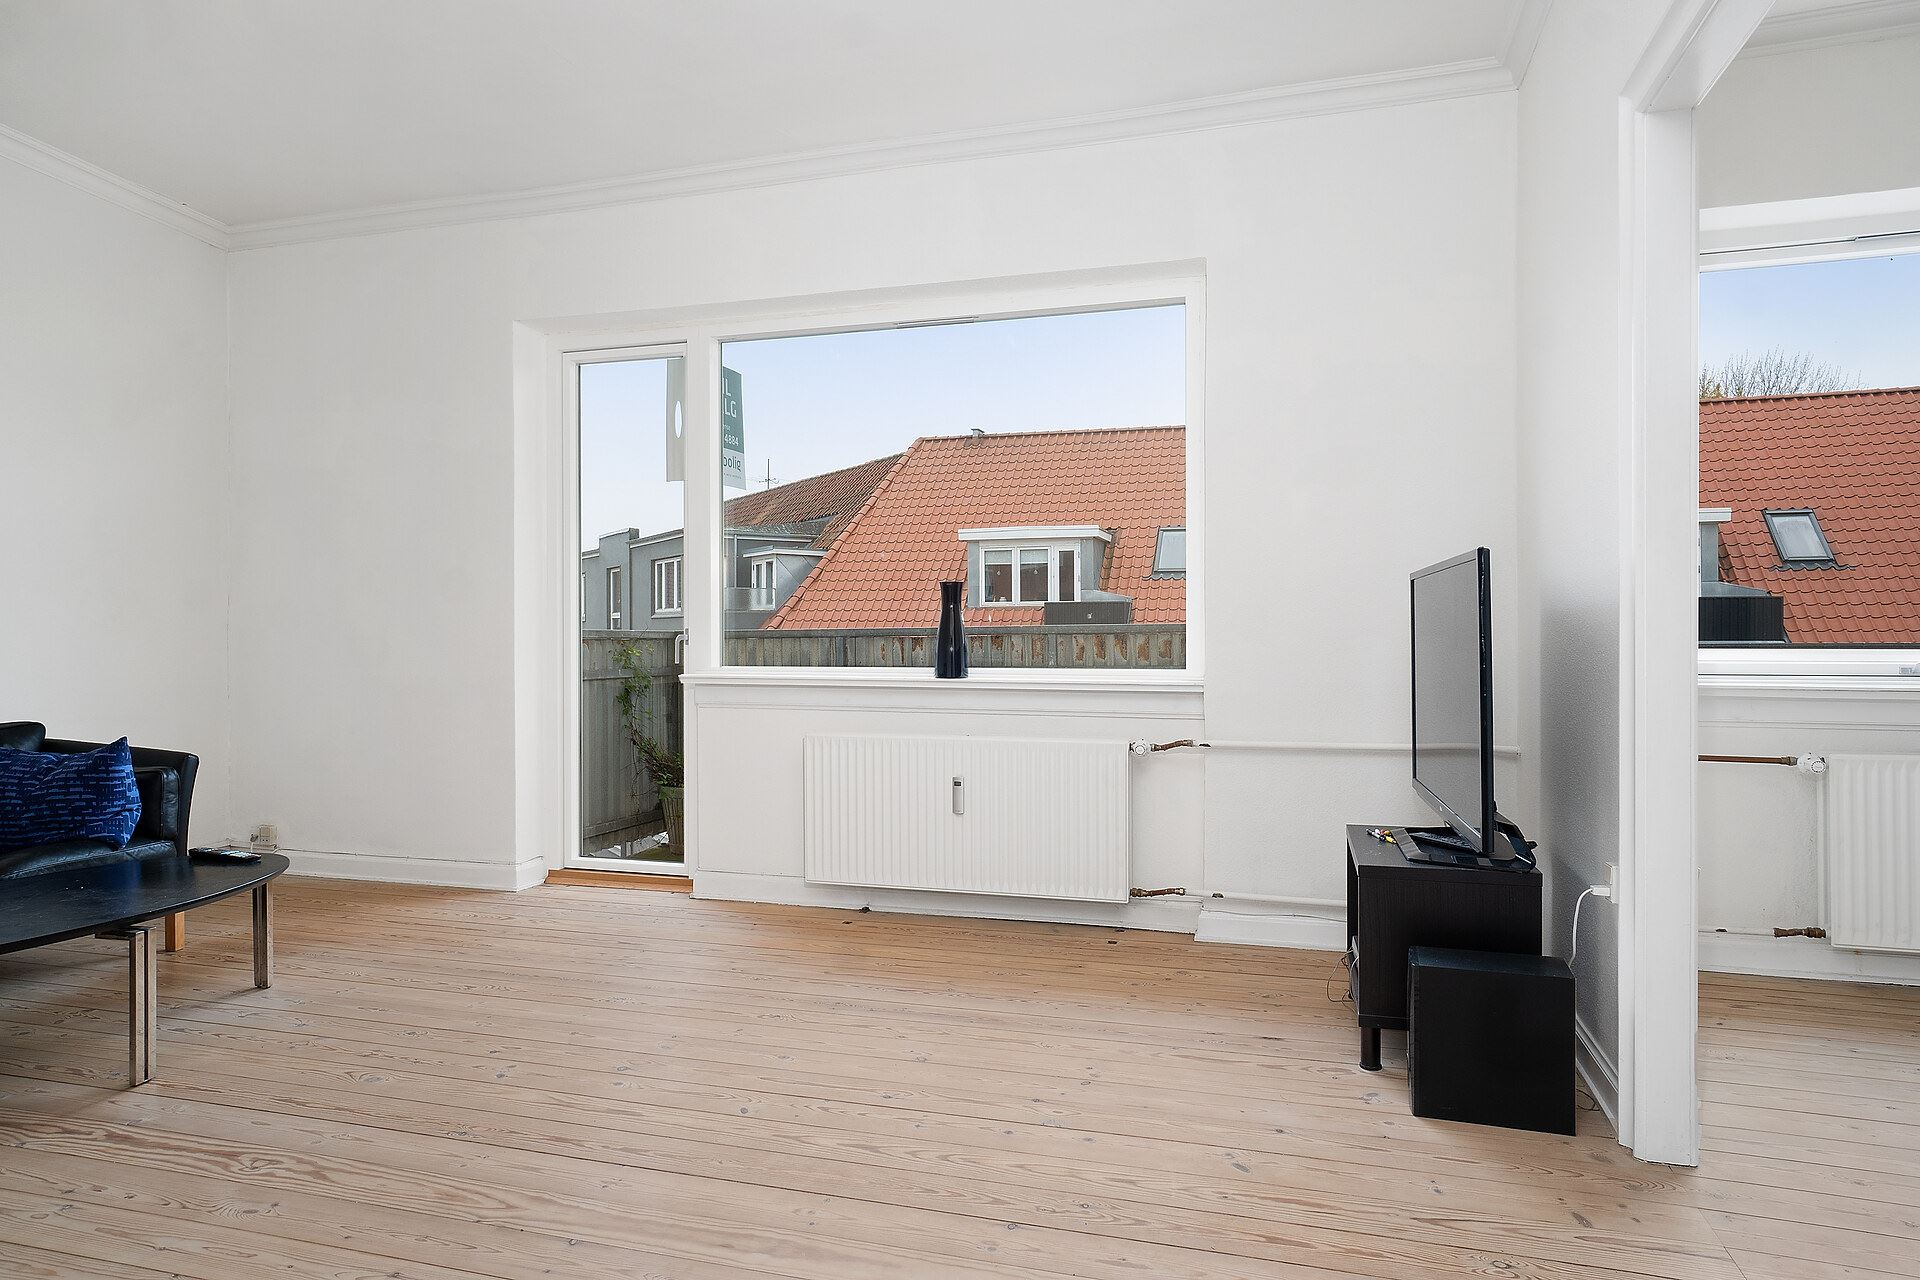 Palnatokesvej 62, 2. th., 5000 Odense C